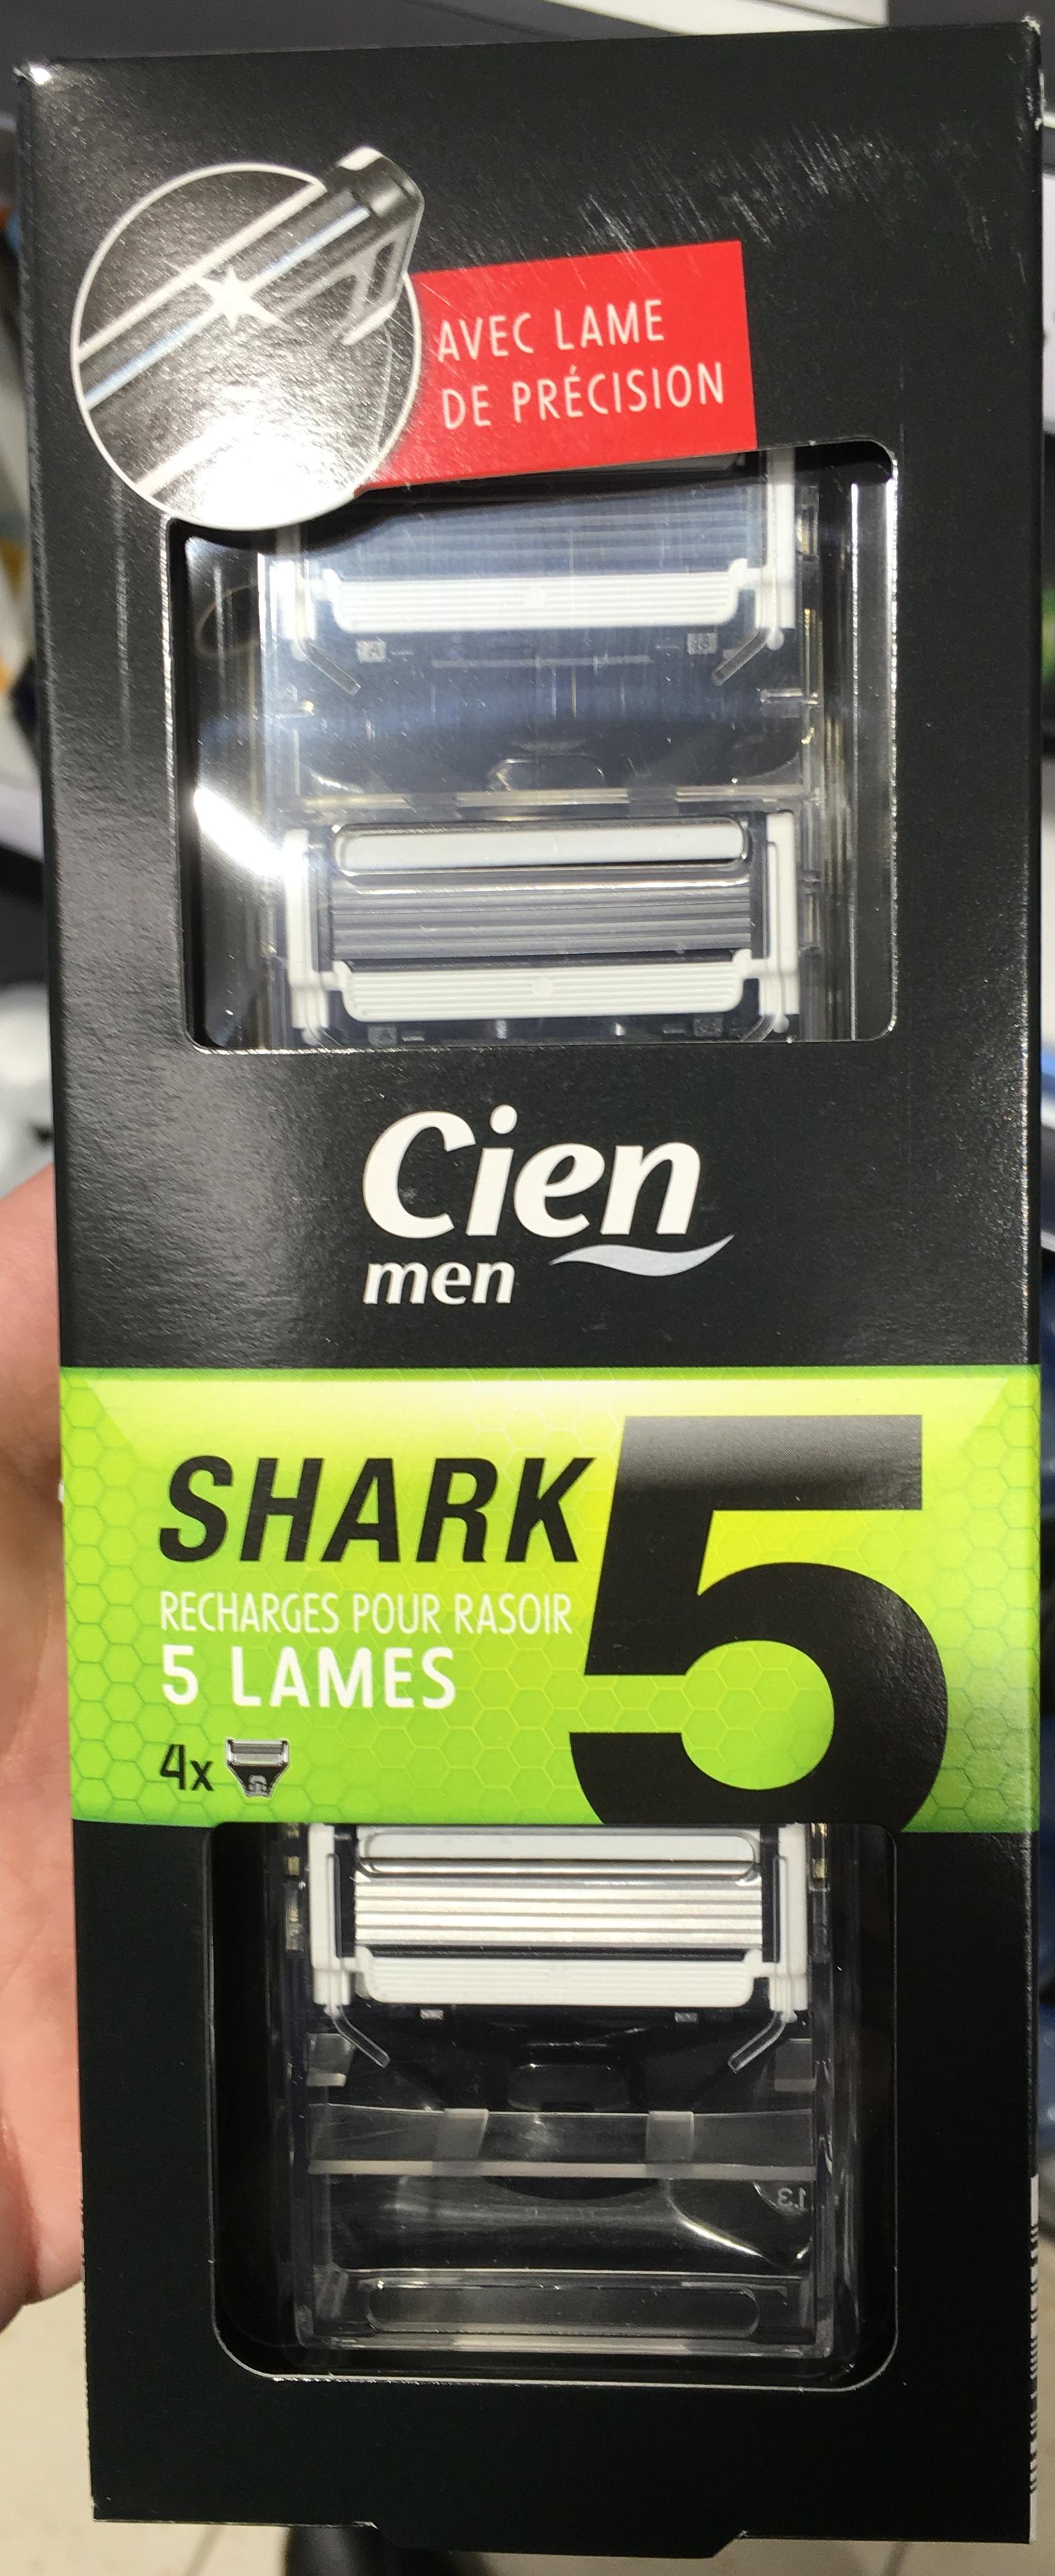 shark recharges pour rasoir lames cien men  shark recharges pour rasoir 5 lames product